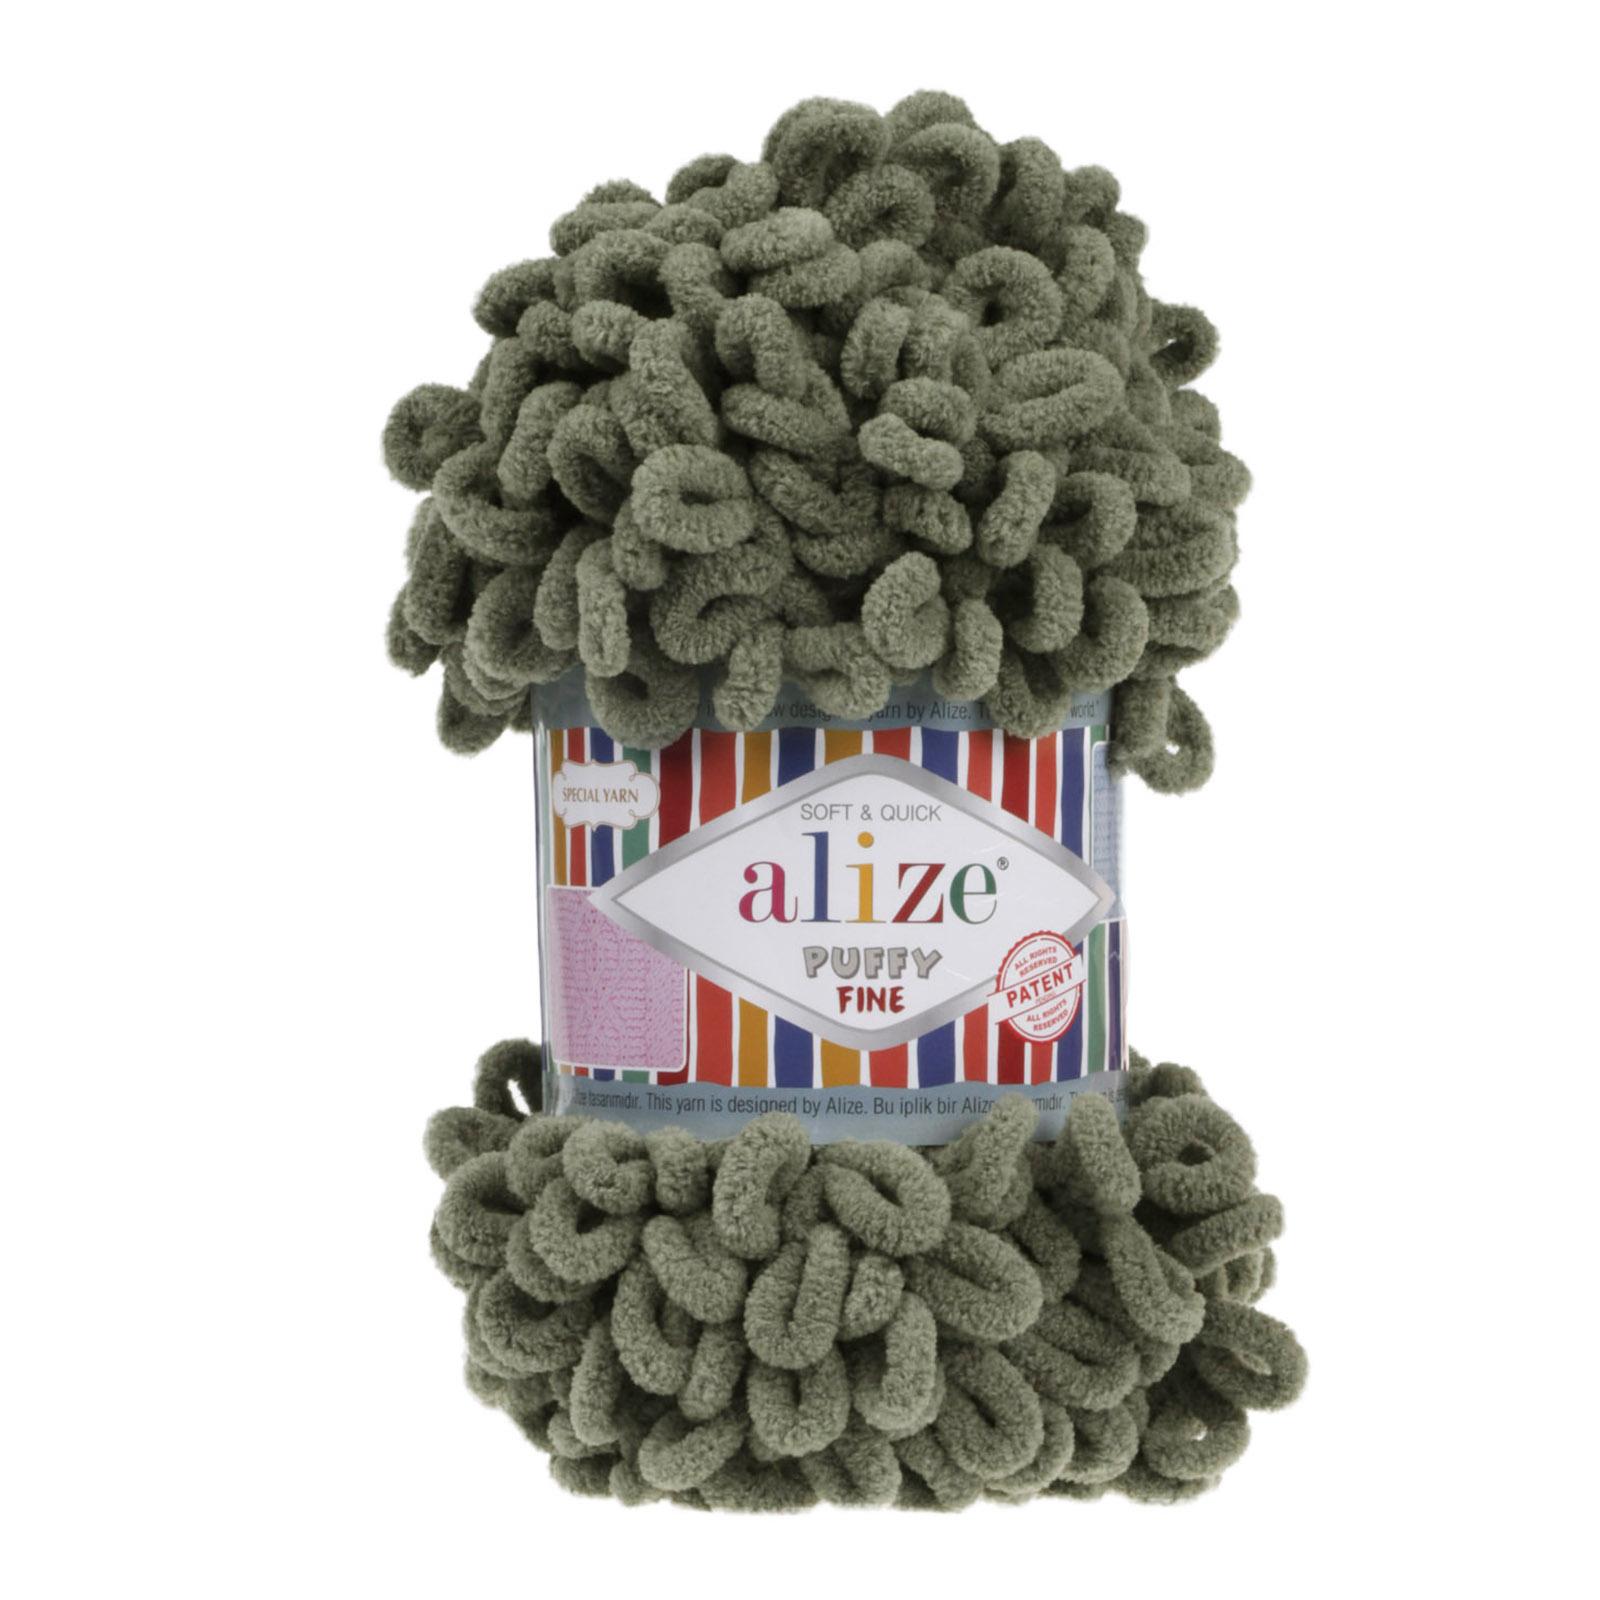 100g Strickgarn ALIZE Puffy Fine Uni, Fingerstrick Fingerstrick-Wolle ohne Nadel – Bild 12